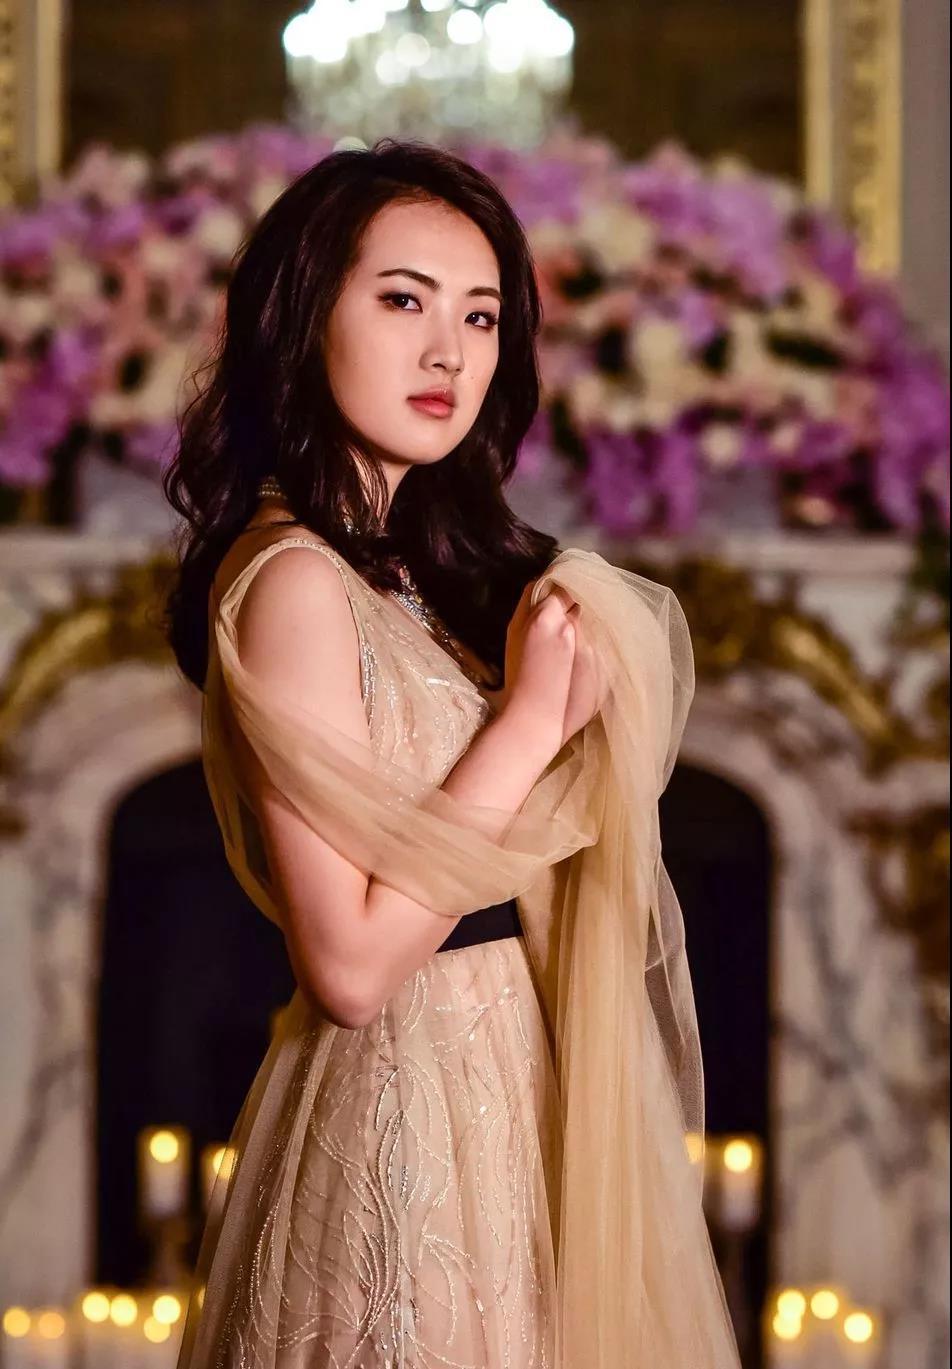 幼磁女_自幼学芭蕾,任正非的女儿出席巴黎顶级名媛舞会惊艳众人